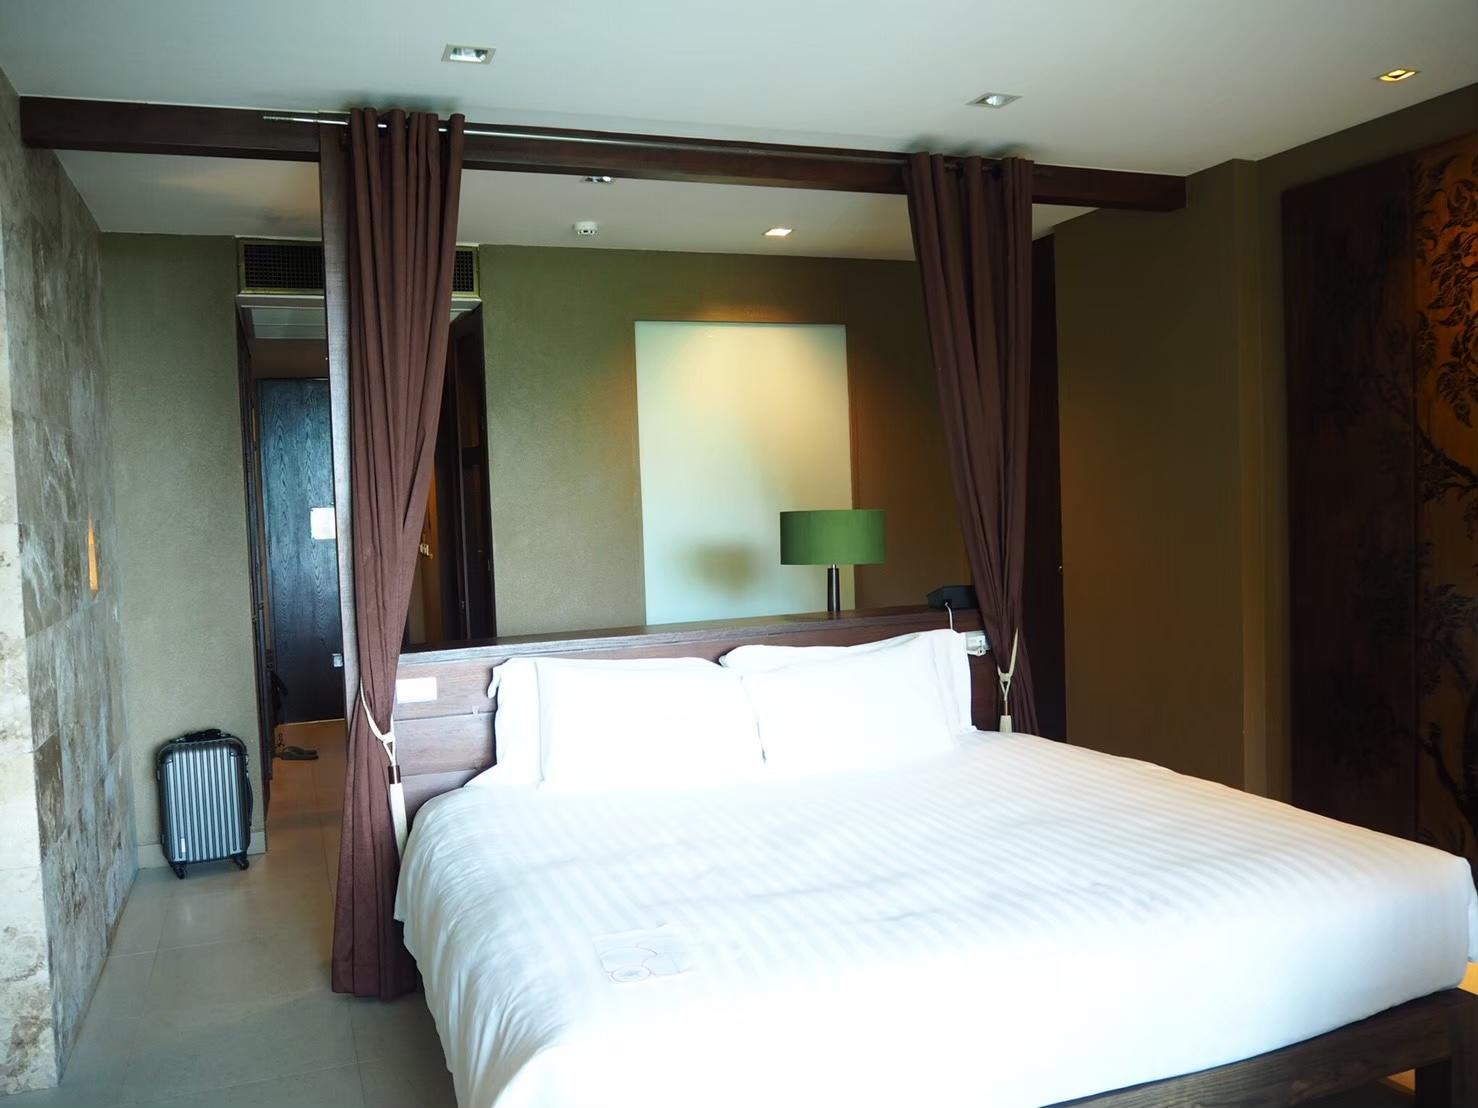 บรรยากาศห้องพัก ห้องพักสบายๆ-มีหลากหลายแบบหลายสไตล์ให้เลือก sunsuri,ที่พักภูเก็ต,สันติ์สุริย์